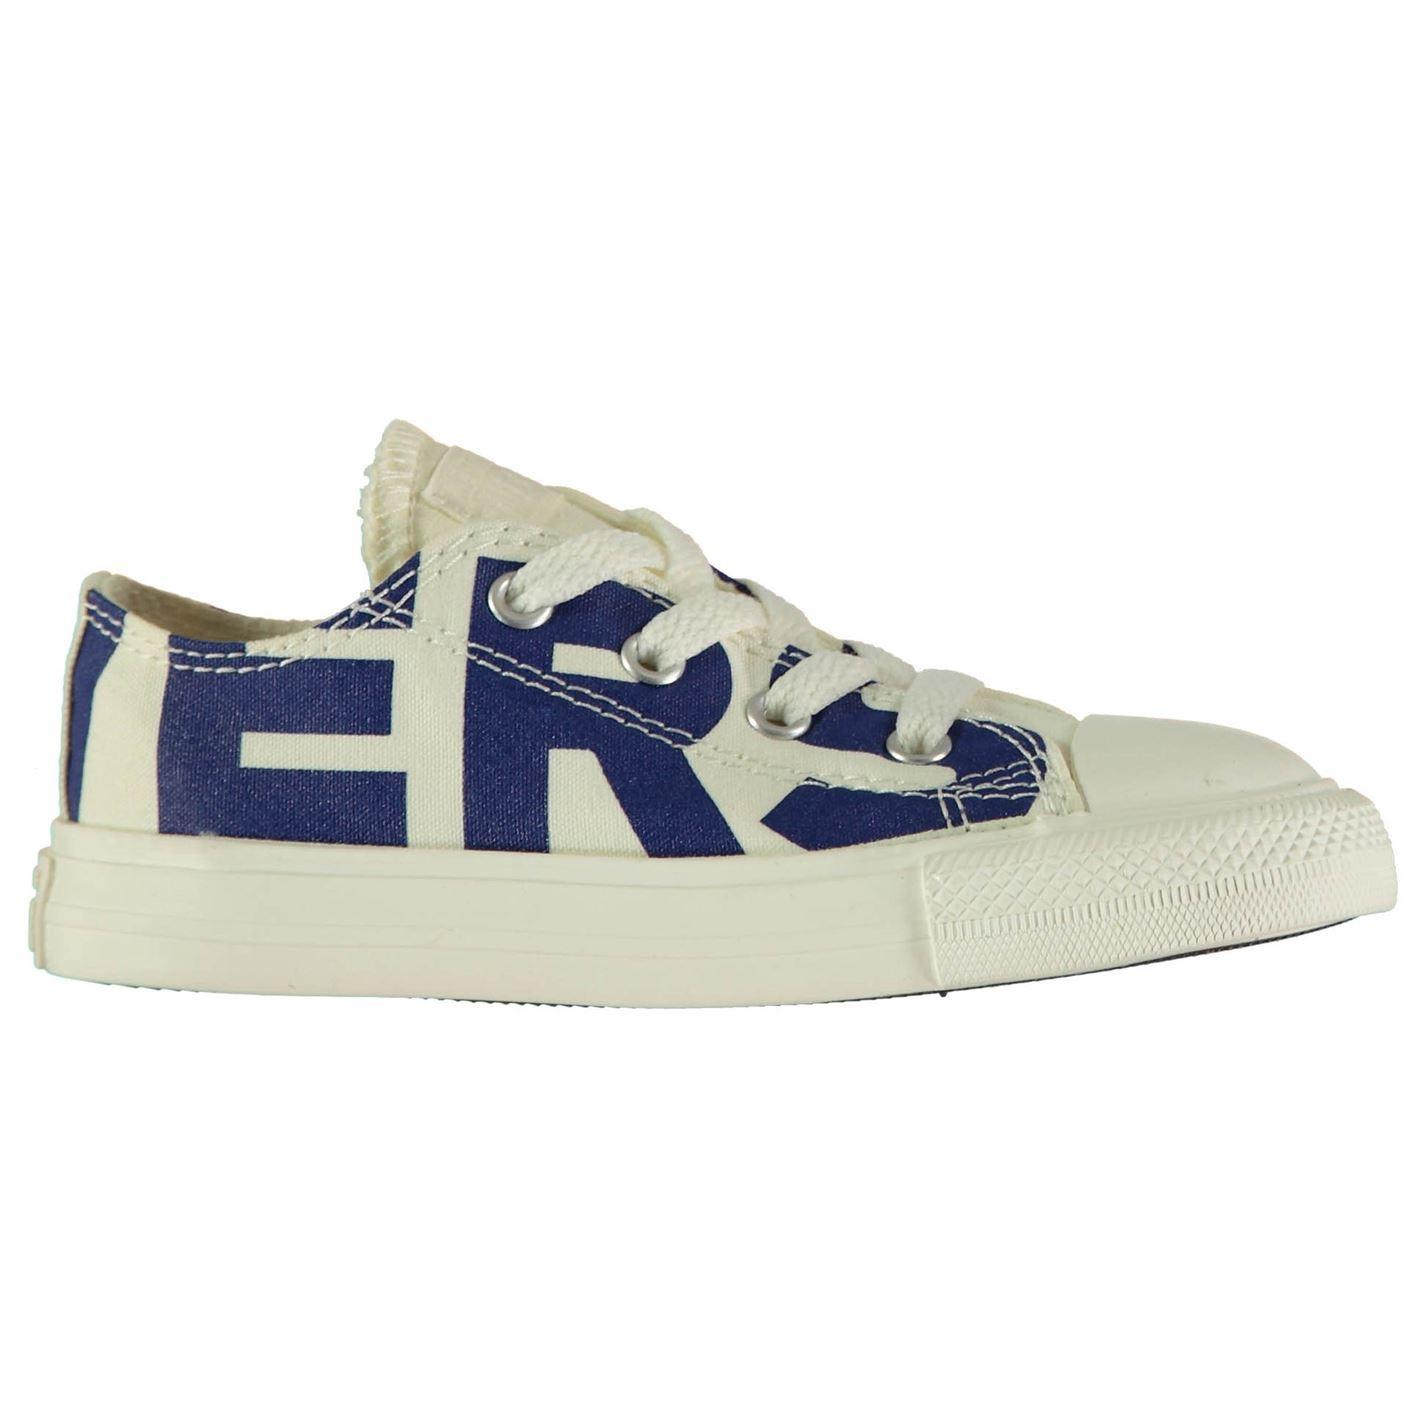 48658eb20 ... Lienzo de marca Converse zapatos niños zapatillas Beige azul calzado ...